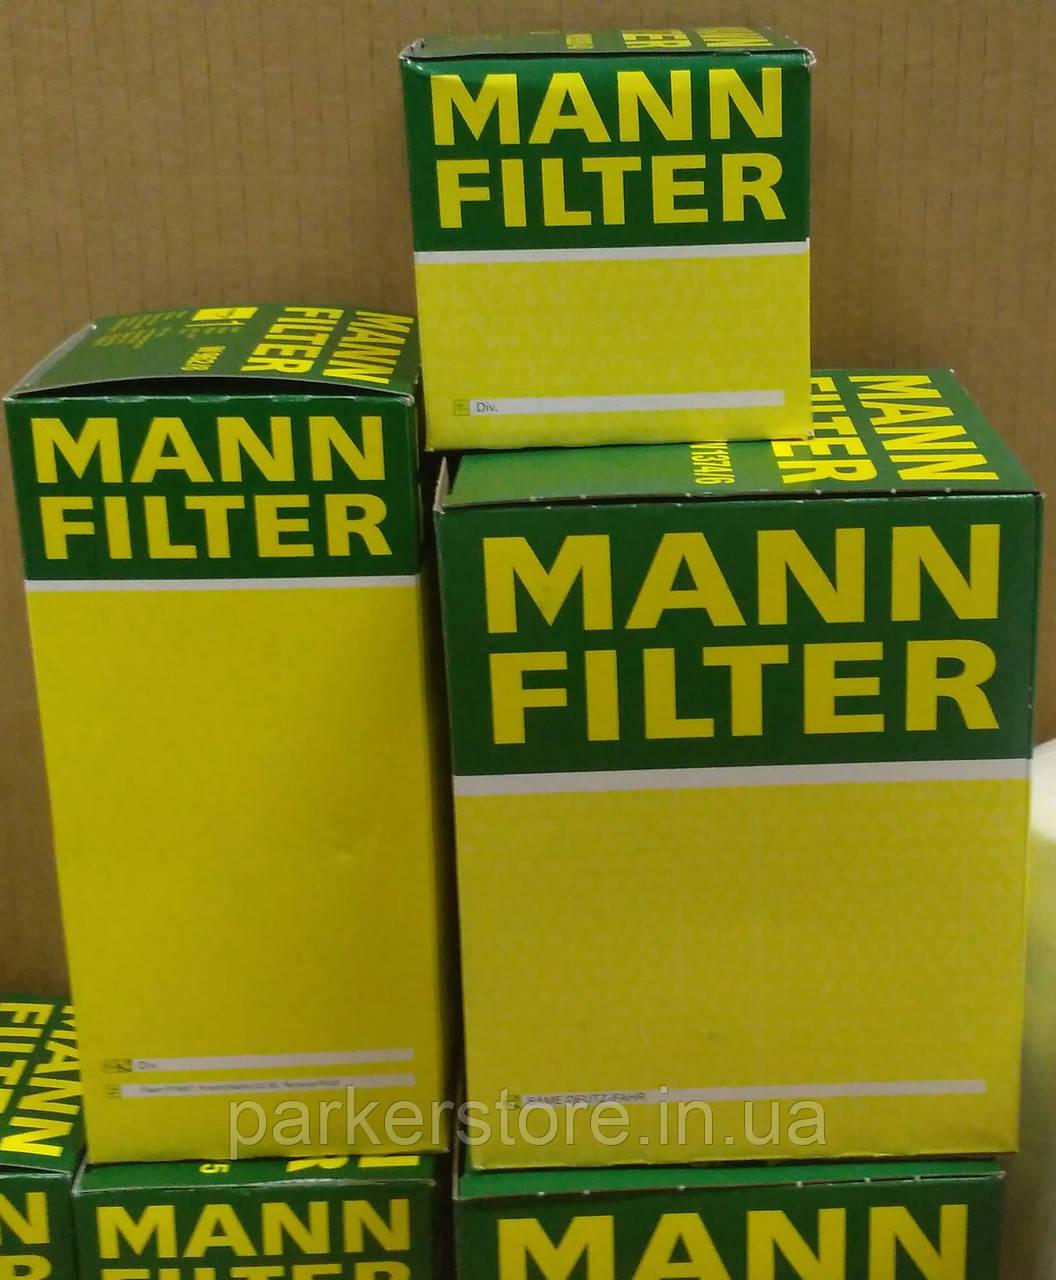 MANN FILTER / Воздушный фильтр / C 2420 / C2420